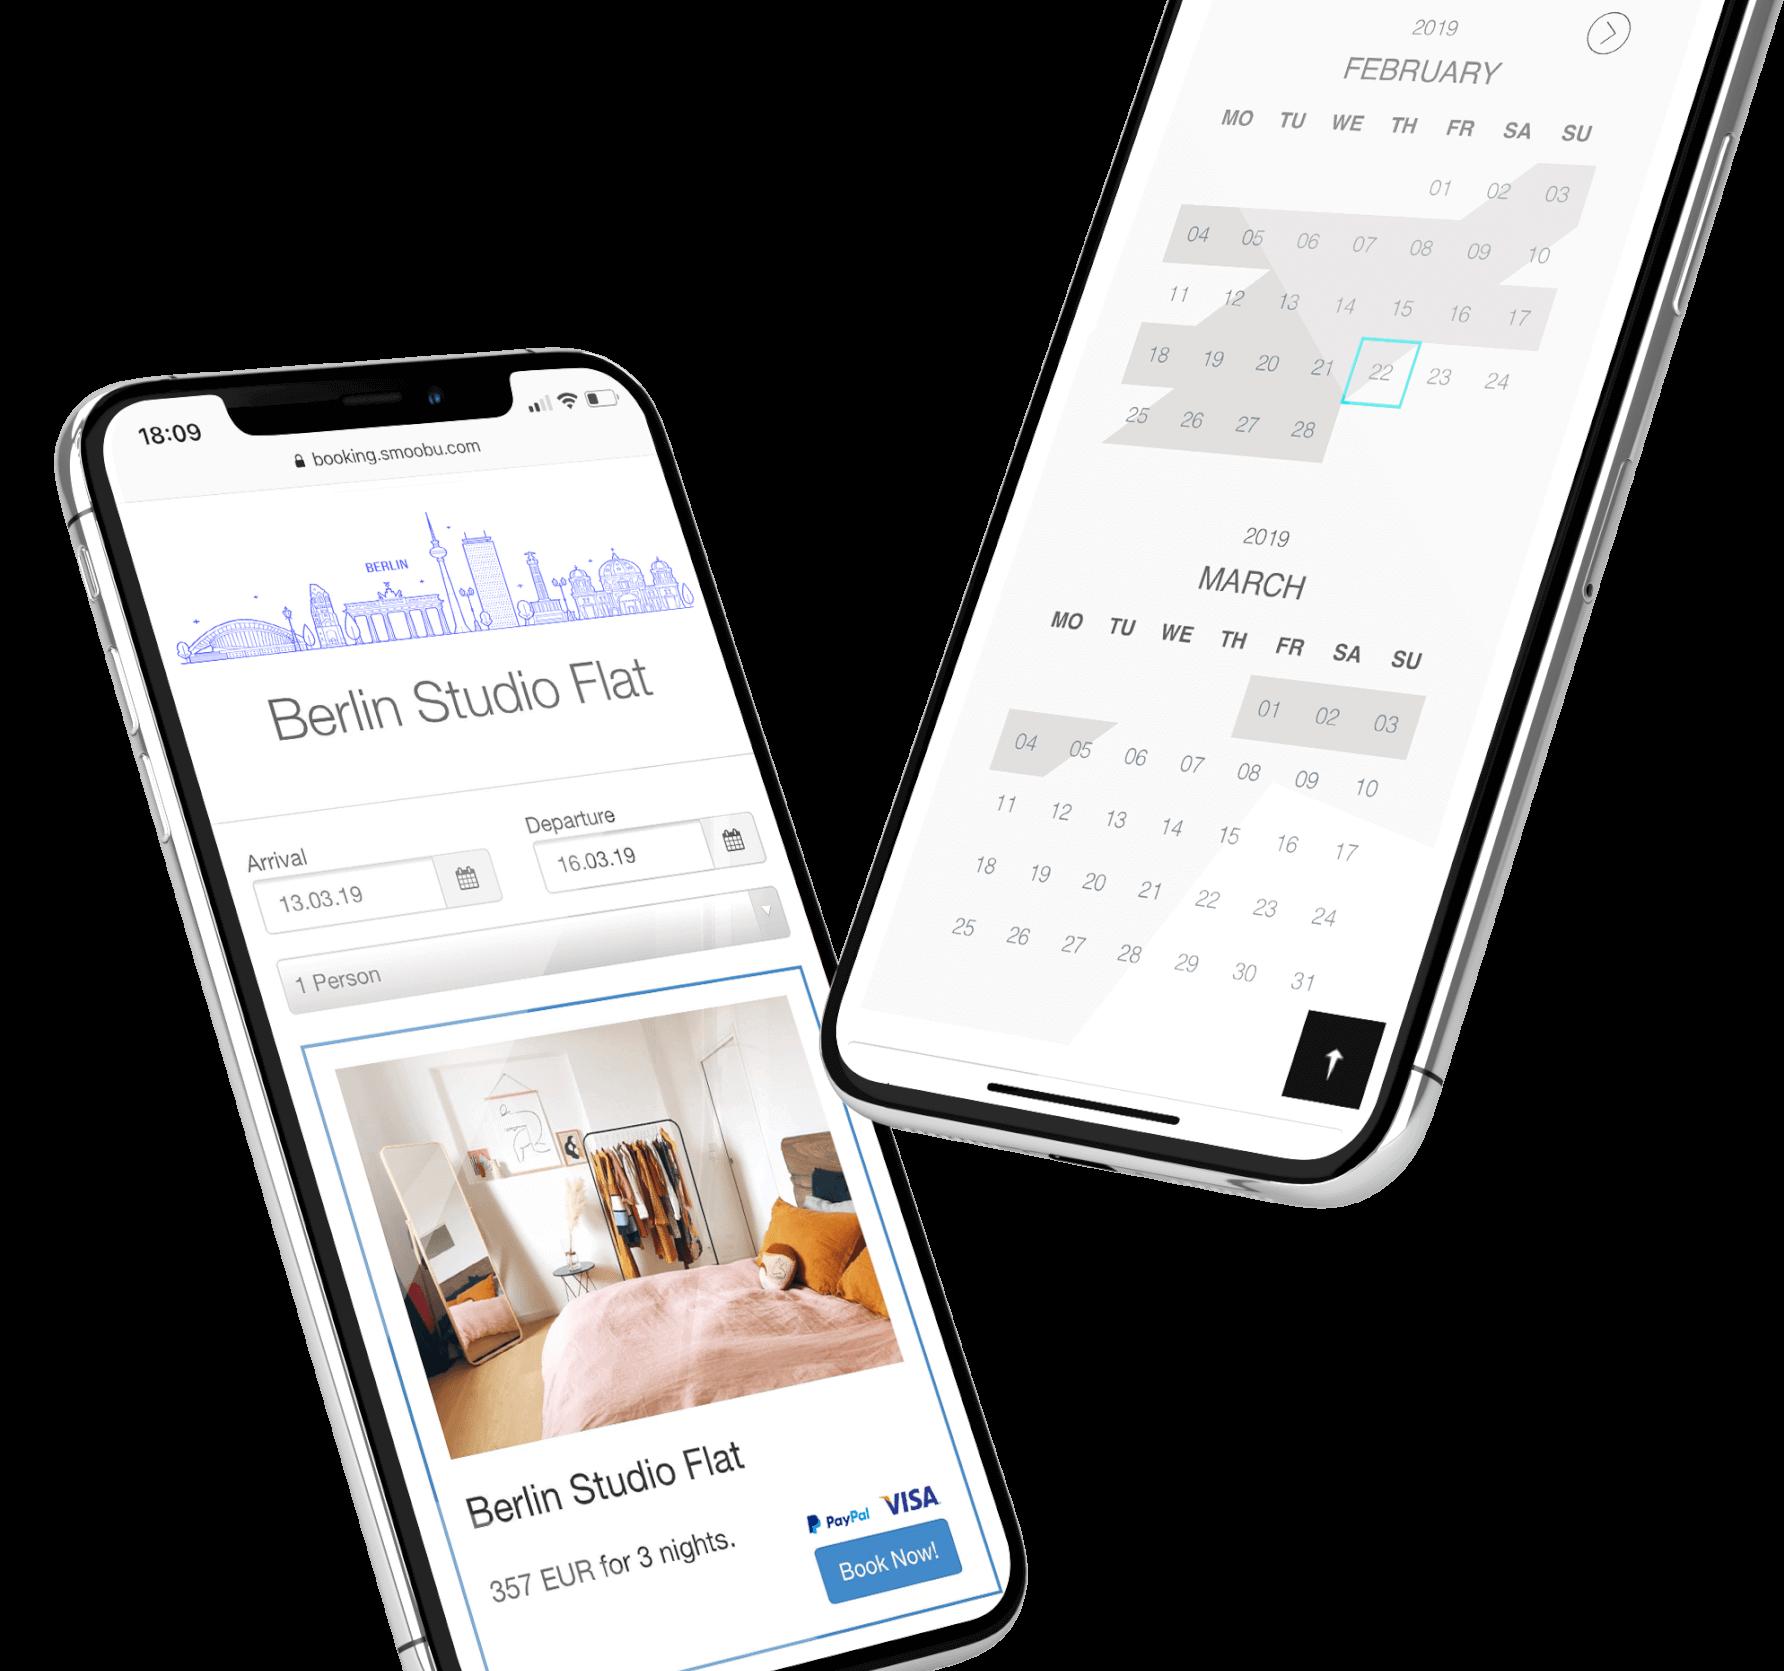 strumento di prenotazione sito web, Utilizza lo strumento di prenotazione di Smoobu per il sito web di Smoobu o per il tuo sito web esterno